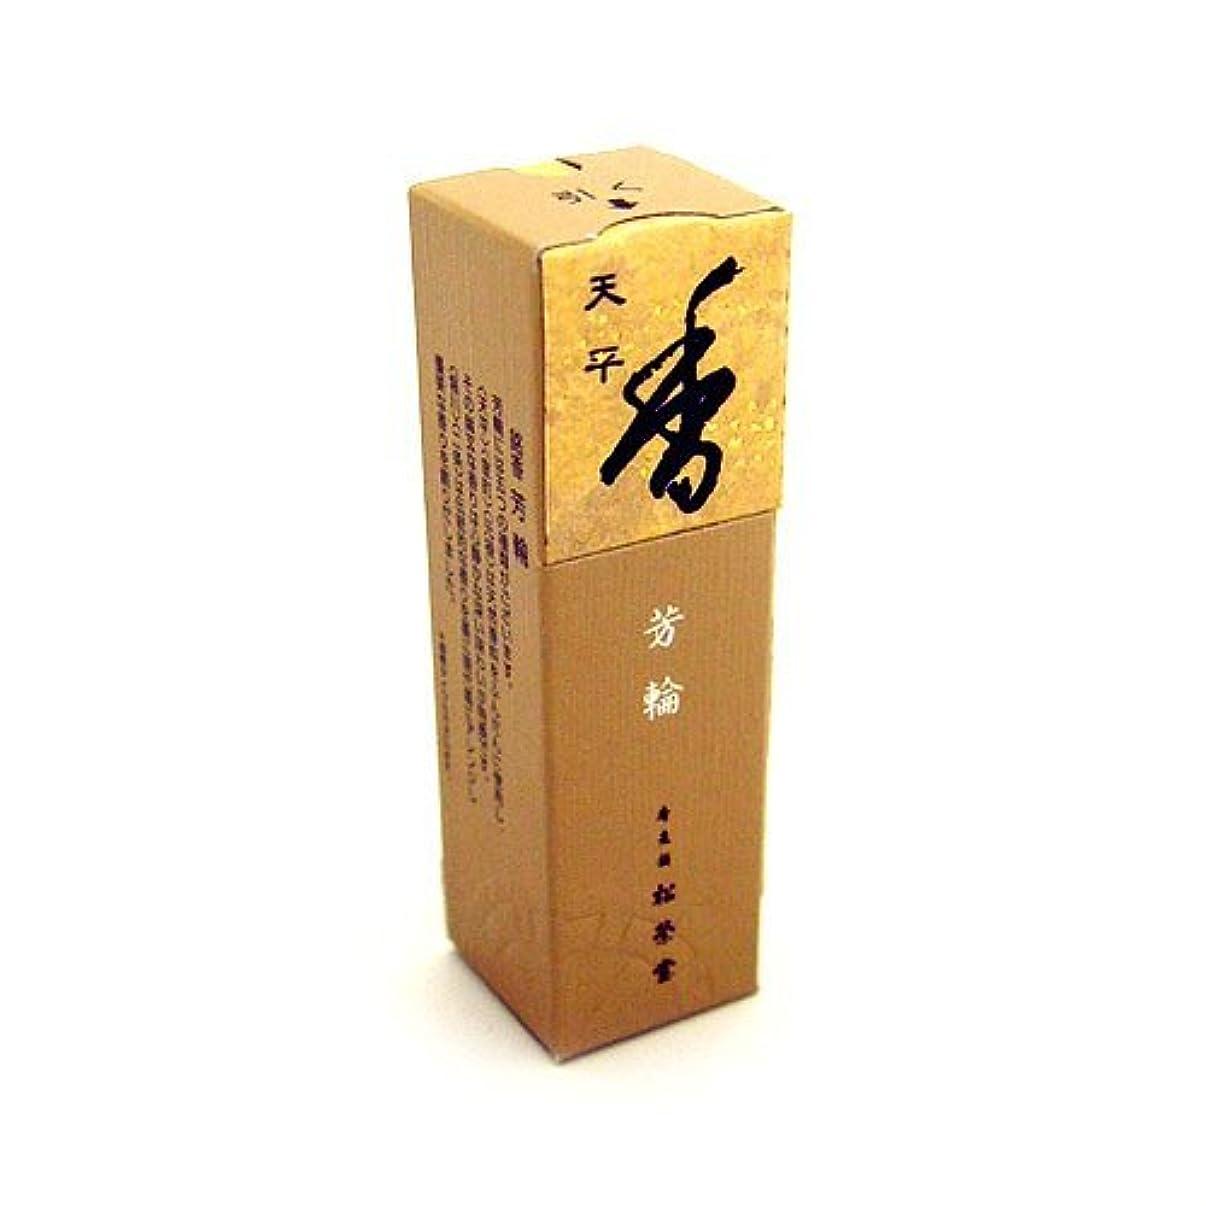 さまよう初心者工場Shoyeido's Peaceful Sky Incense 20 Sticks - Ten-pyo [並行輸入品]